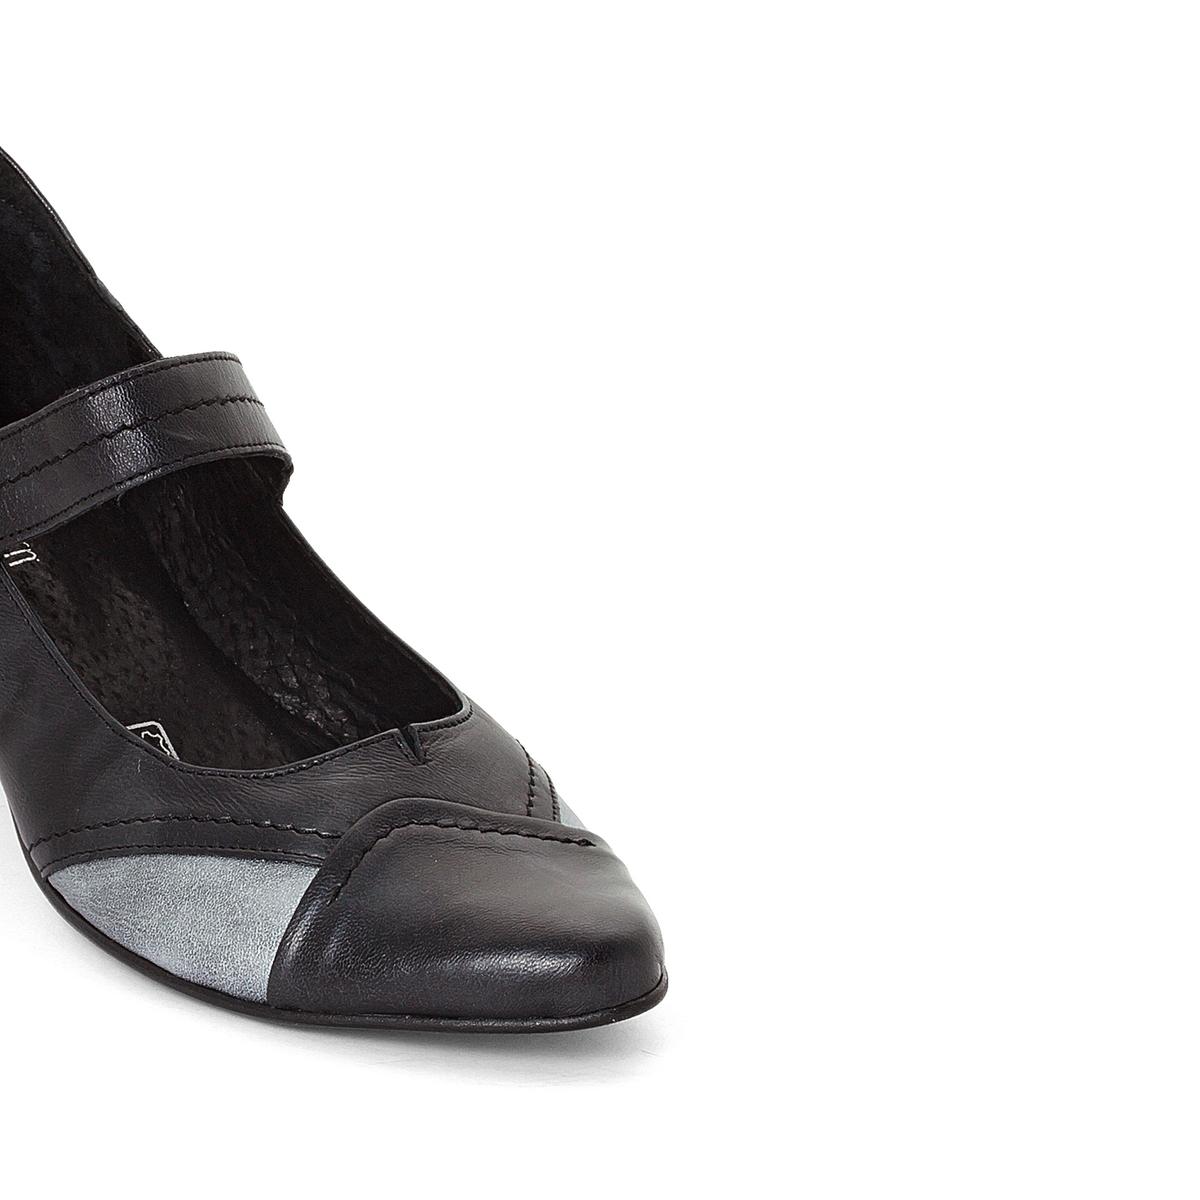 Imagen secundaria de producto de Zapatos de tacón de piel bicolor - Anne weyburn